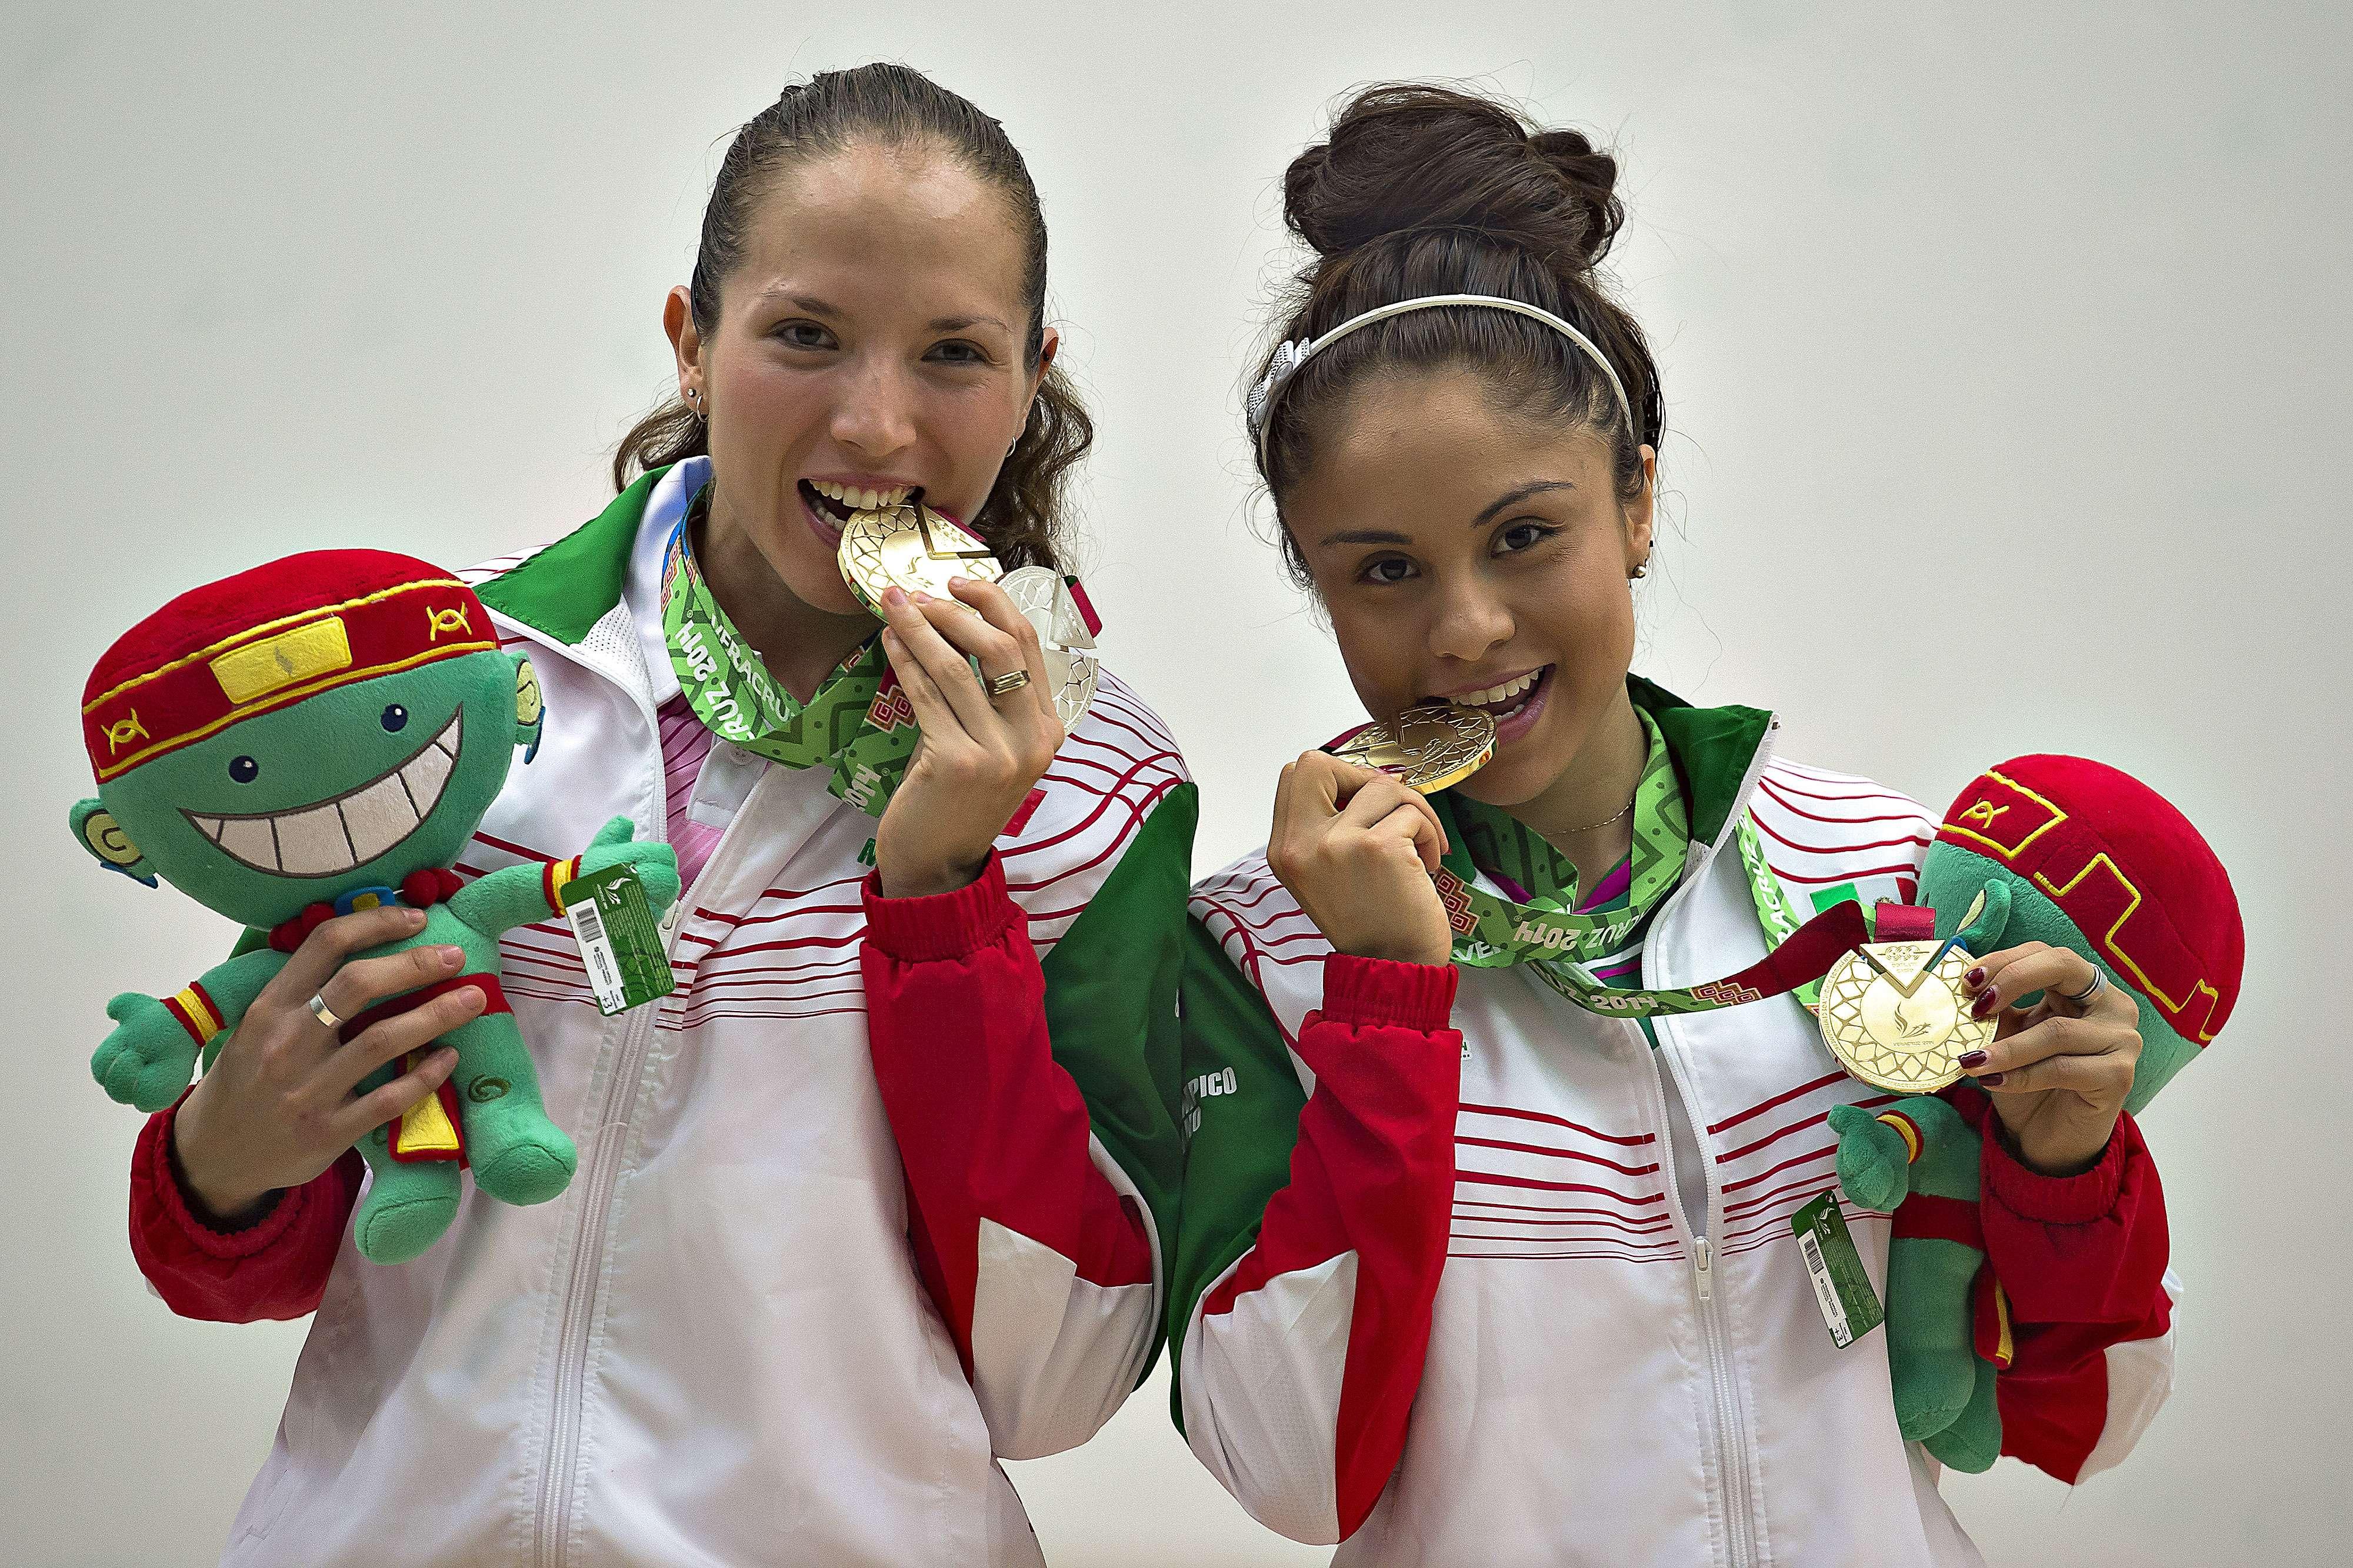 Conoce a las atletas que han puesto la belleza en los recintos deportivos de los Juegos Centroamericanos y del Caribe Veracruz 2014. Foto: Mexsport